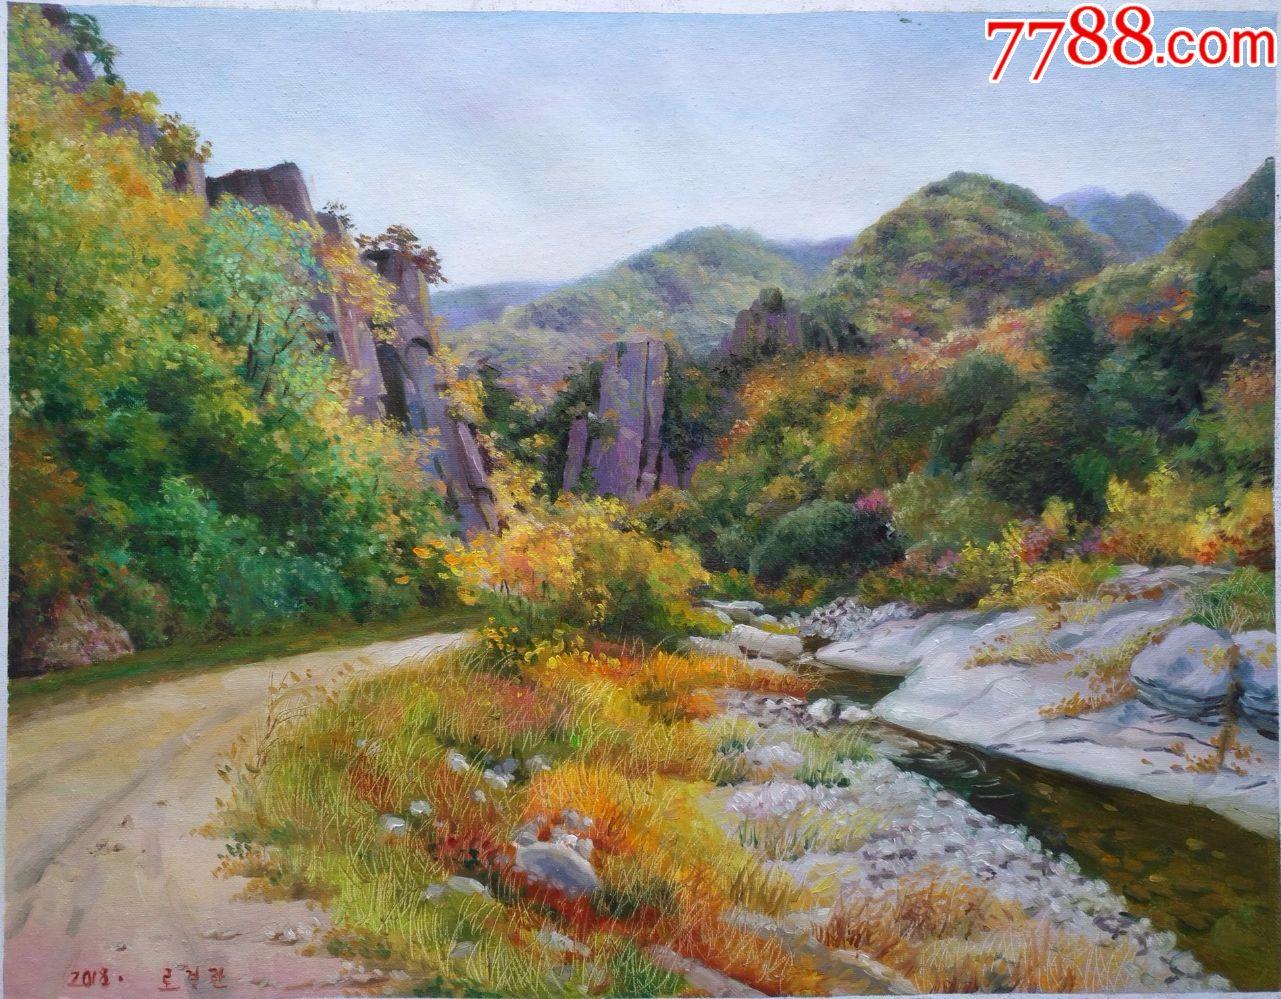 朝鲜一级画家卢景丹风景油画【祥瑞居画廊】_第1张_7788收藏__中国图片